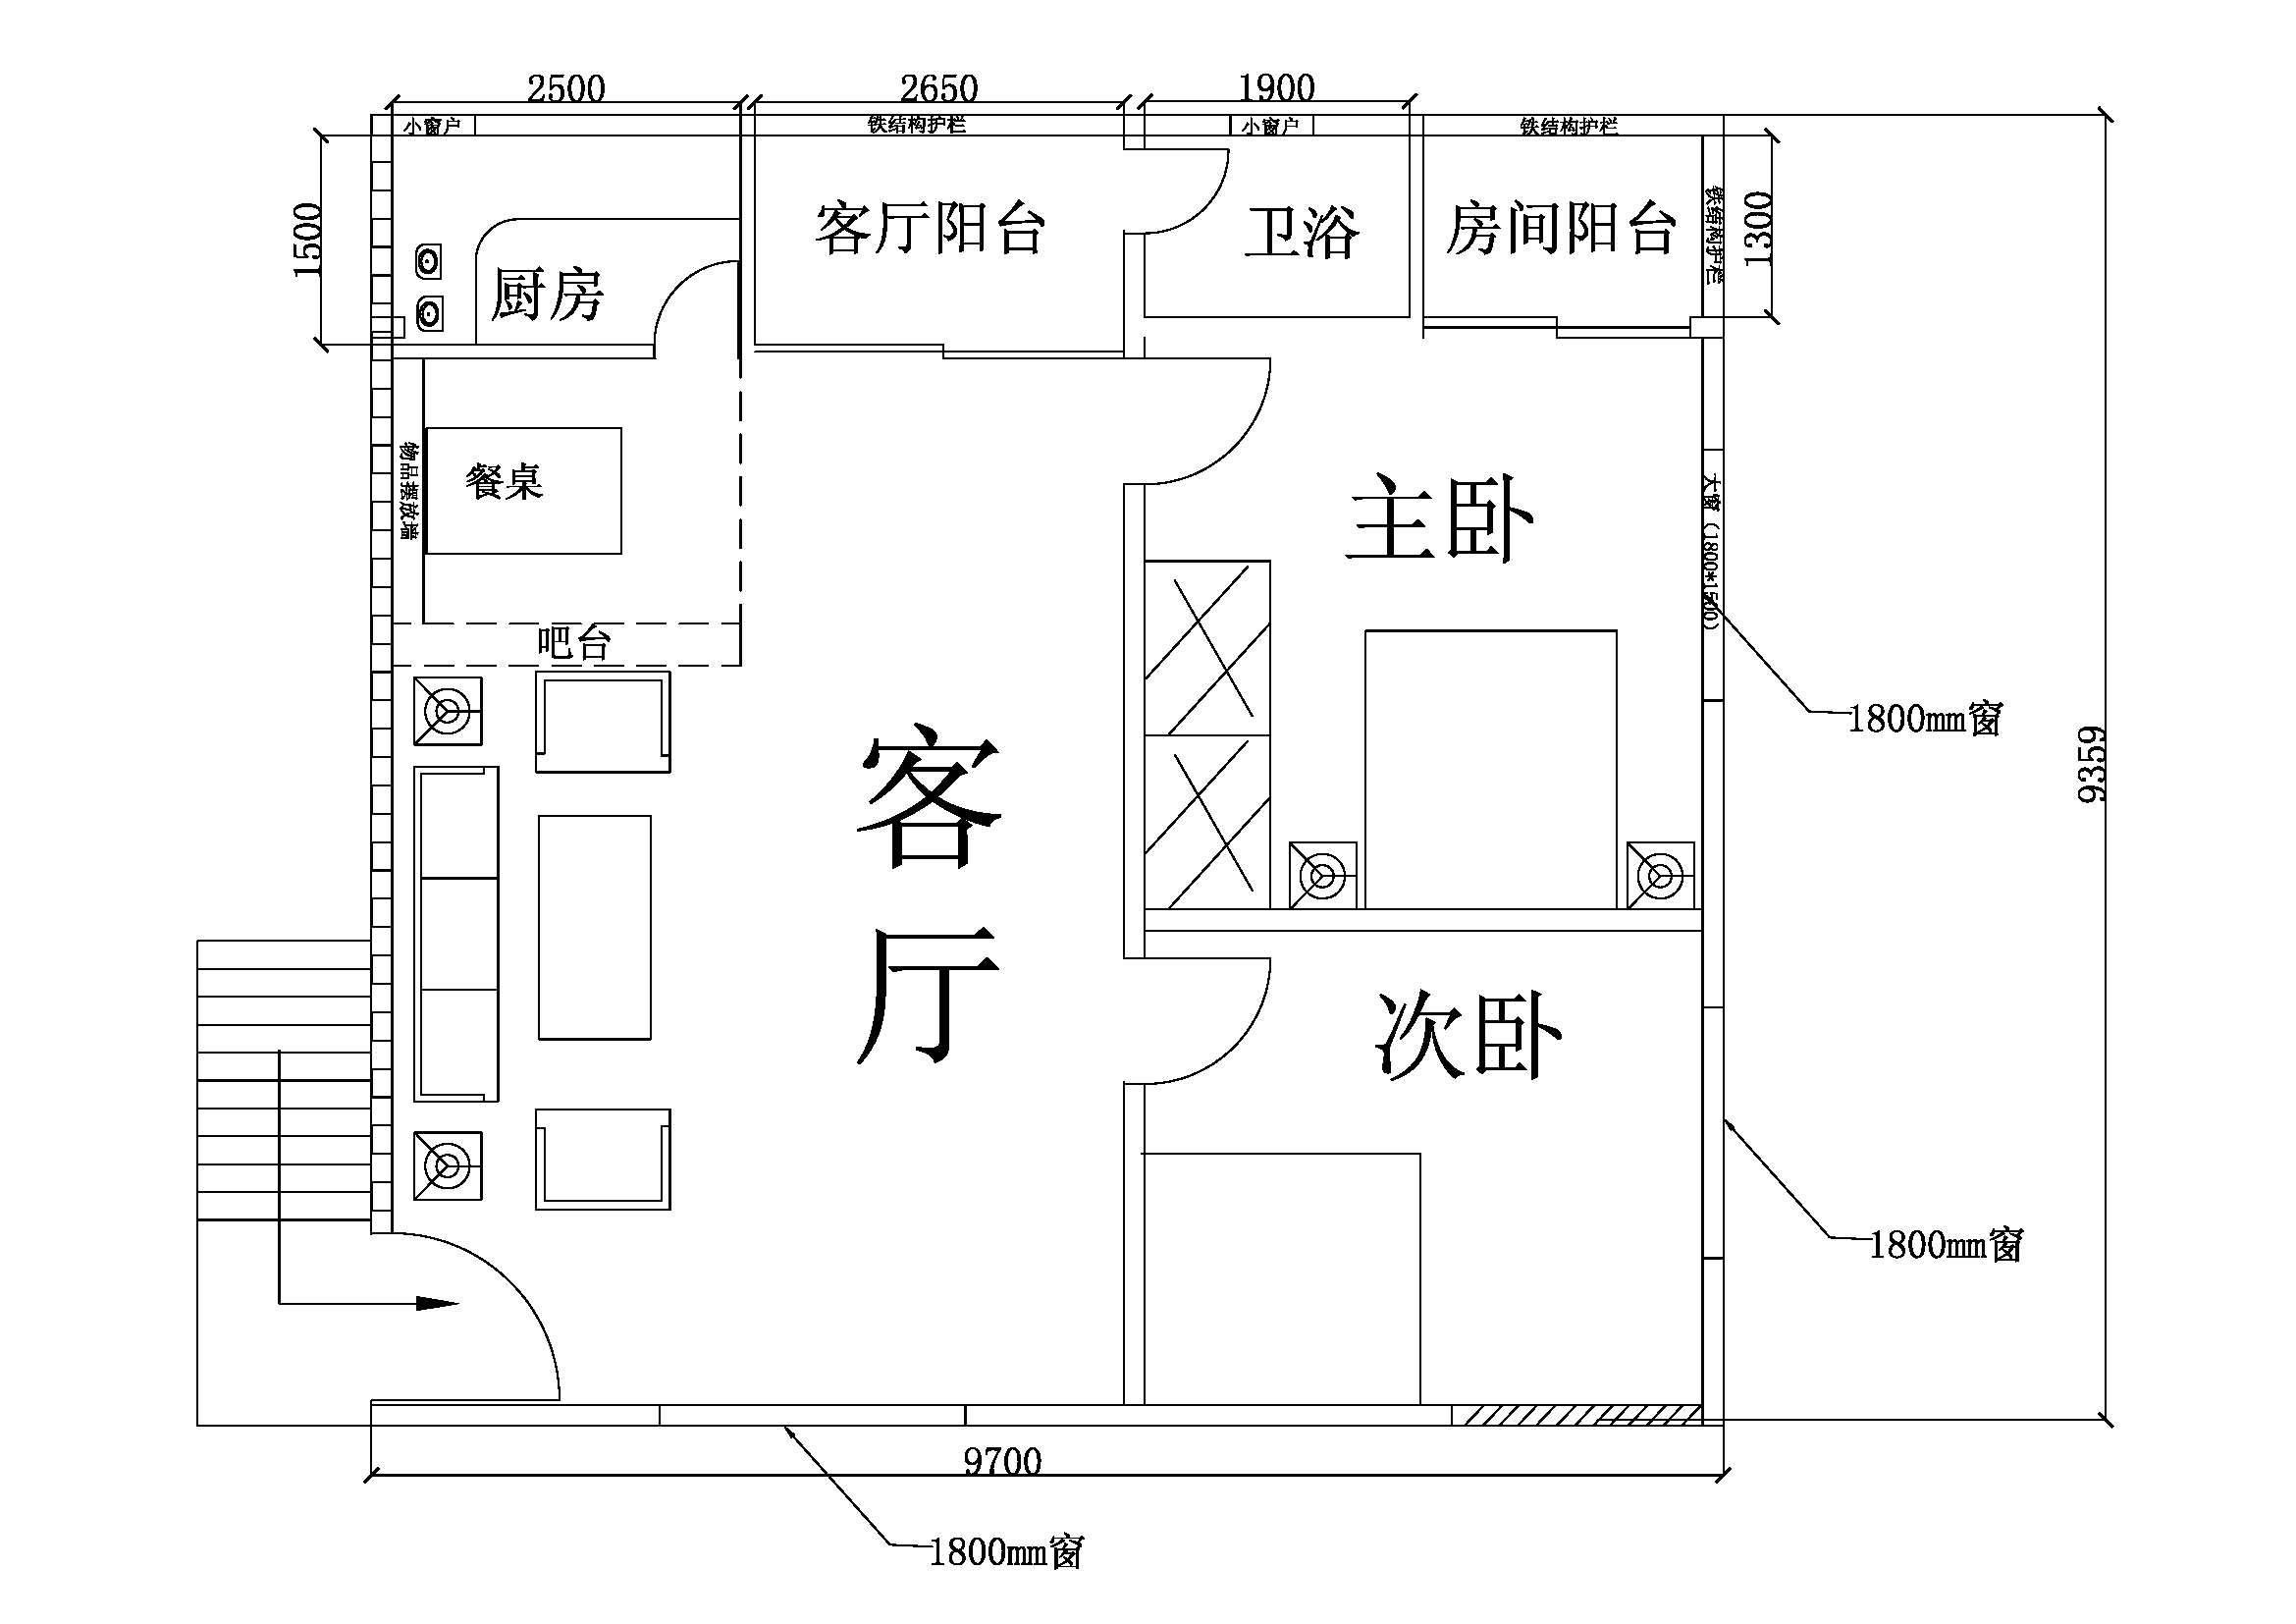 房间布局设计,希望得到大师的帮忙.谢谢图片